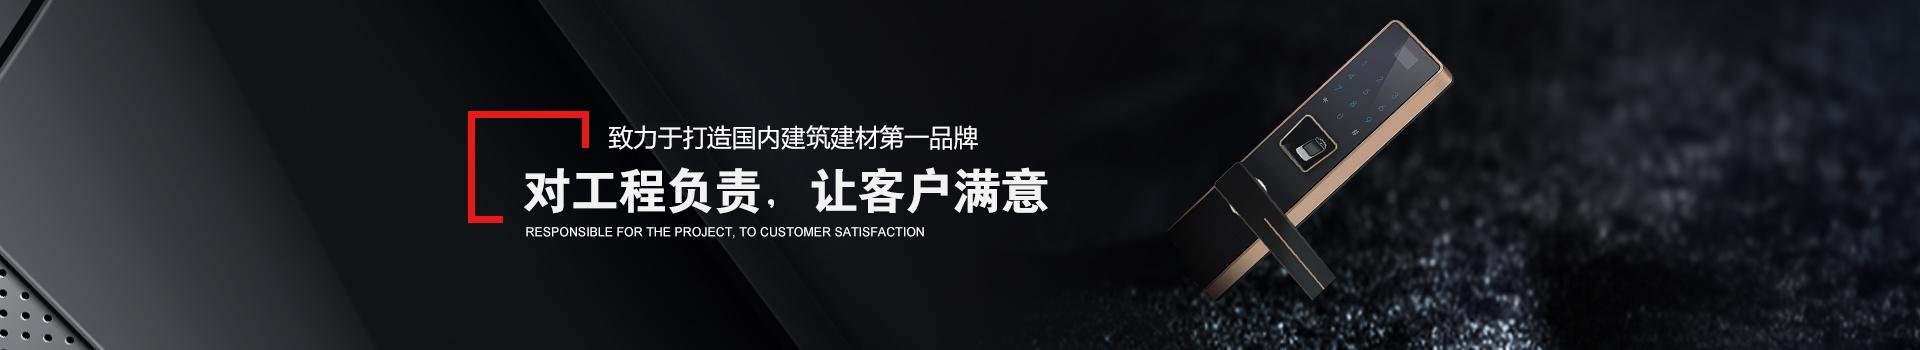 http://www.zbpks.com/data/upload/202003/20200318092006_483.jpg